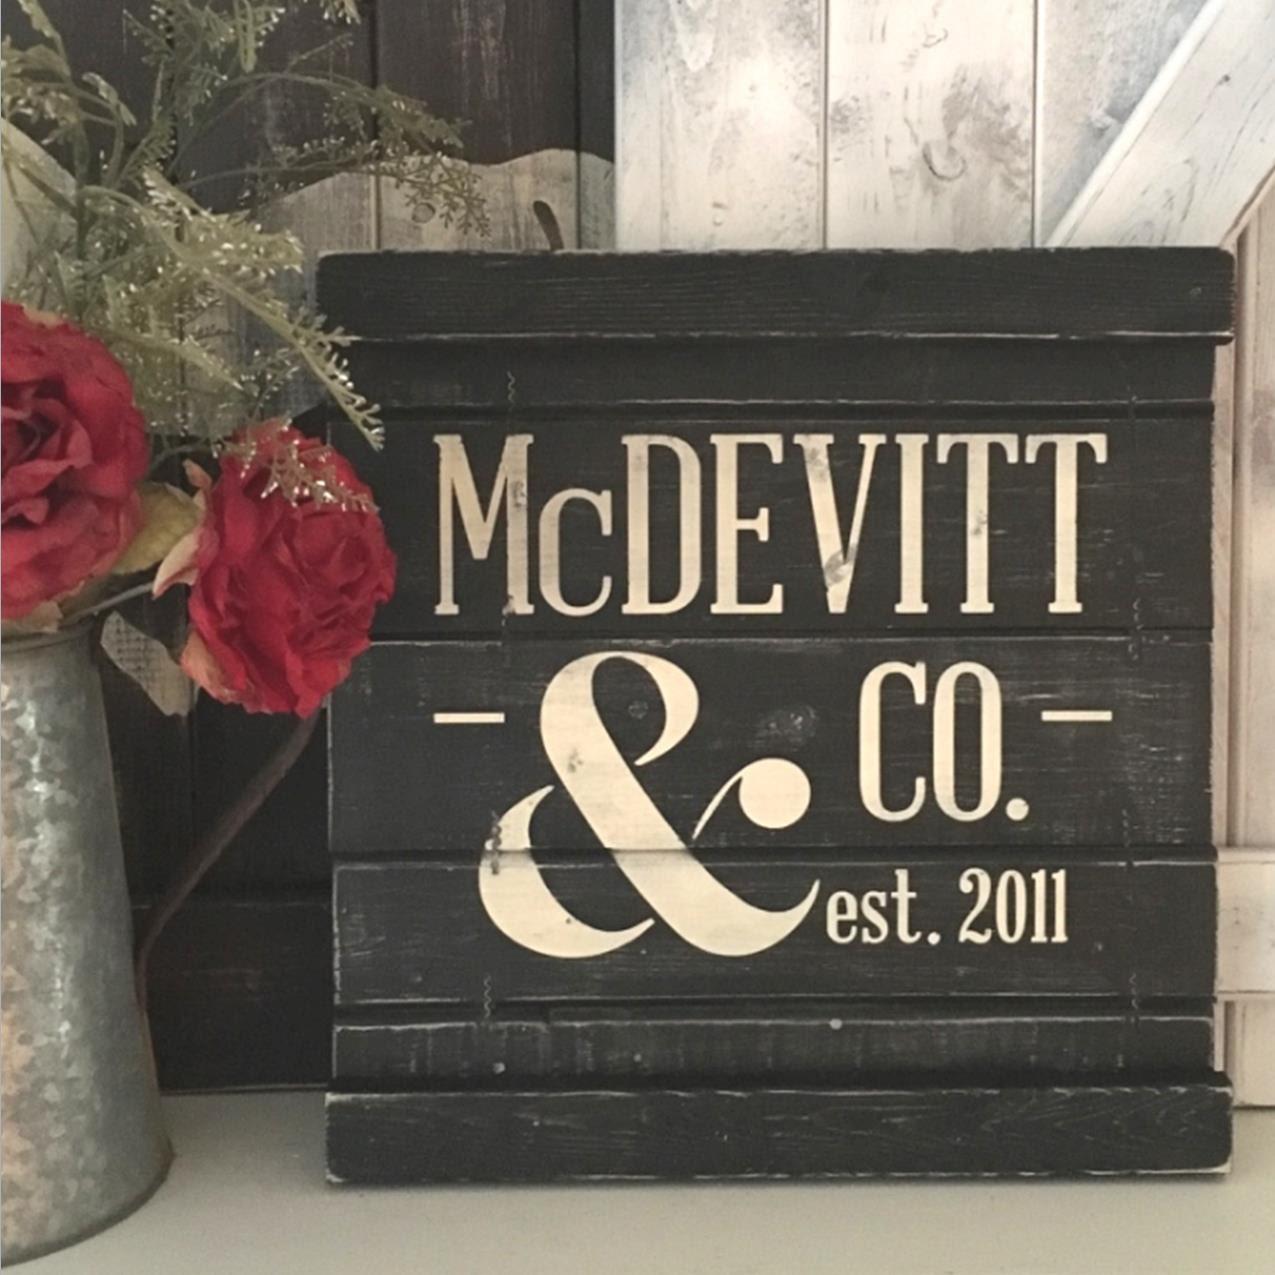 5th Wedding Anniversary Gift Ideas: 5th WEDDING ANNIVERSARY GIFT 5th Anniversary By